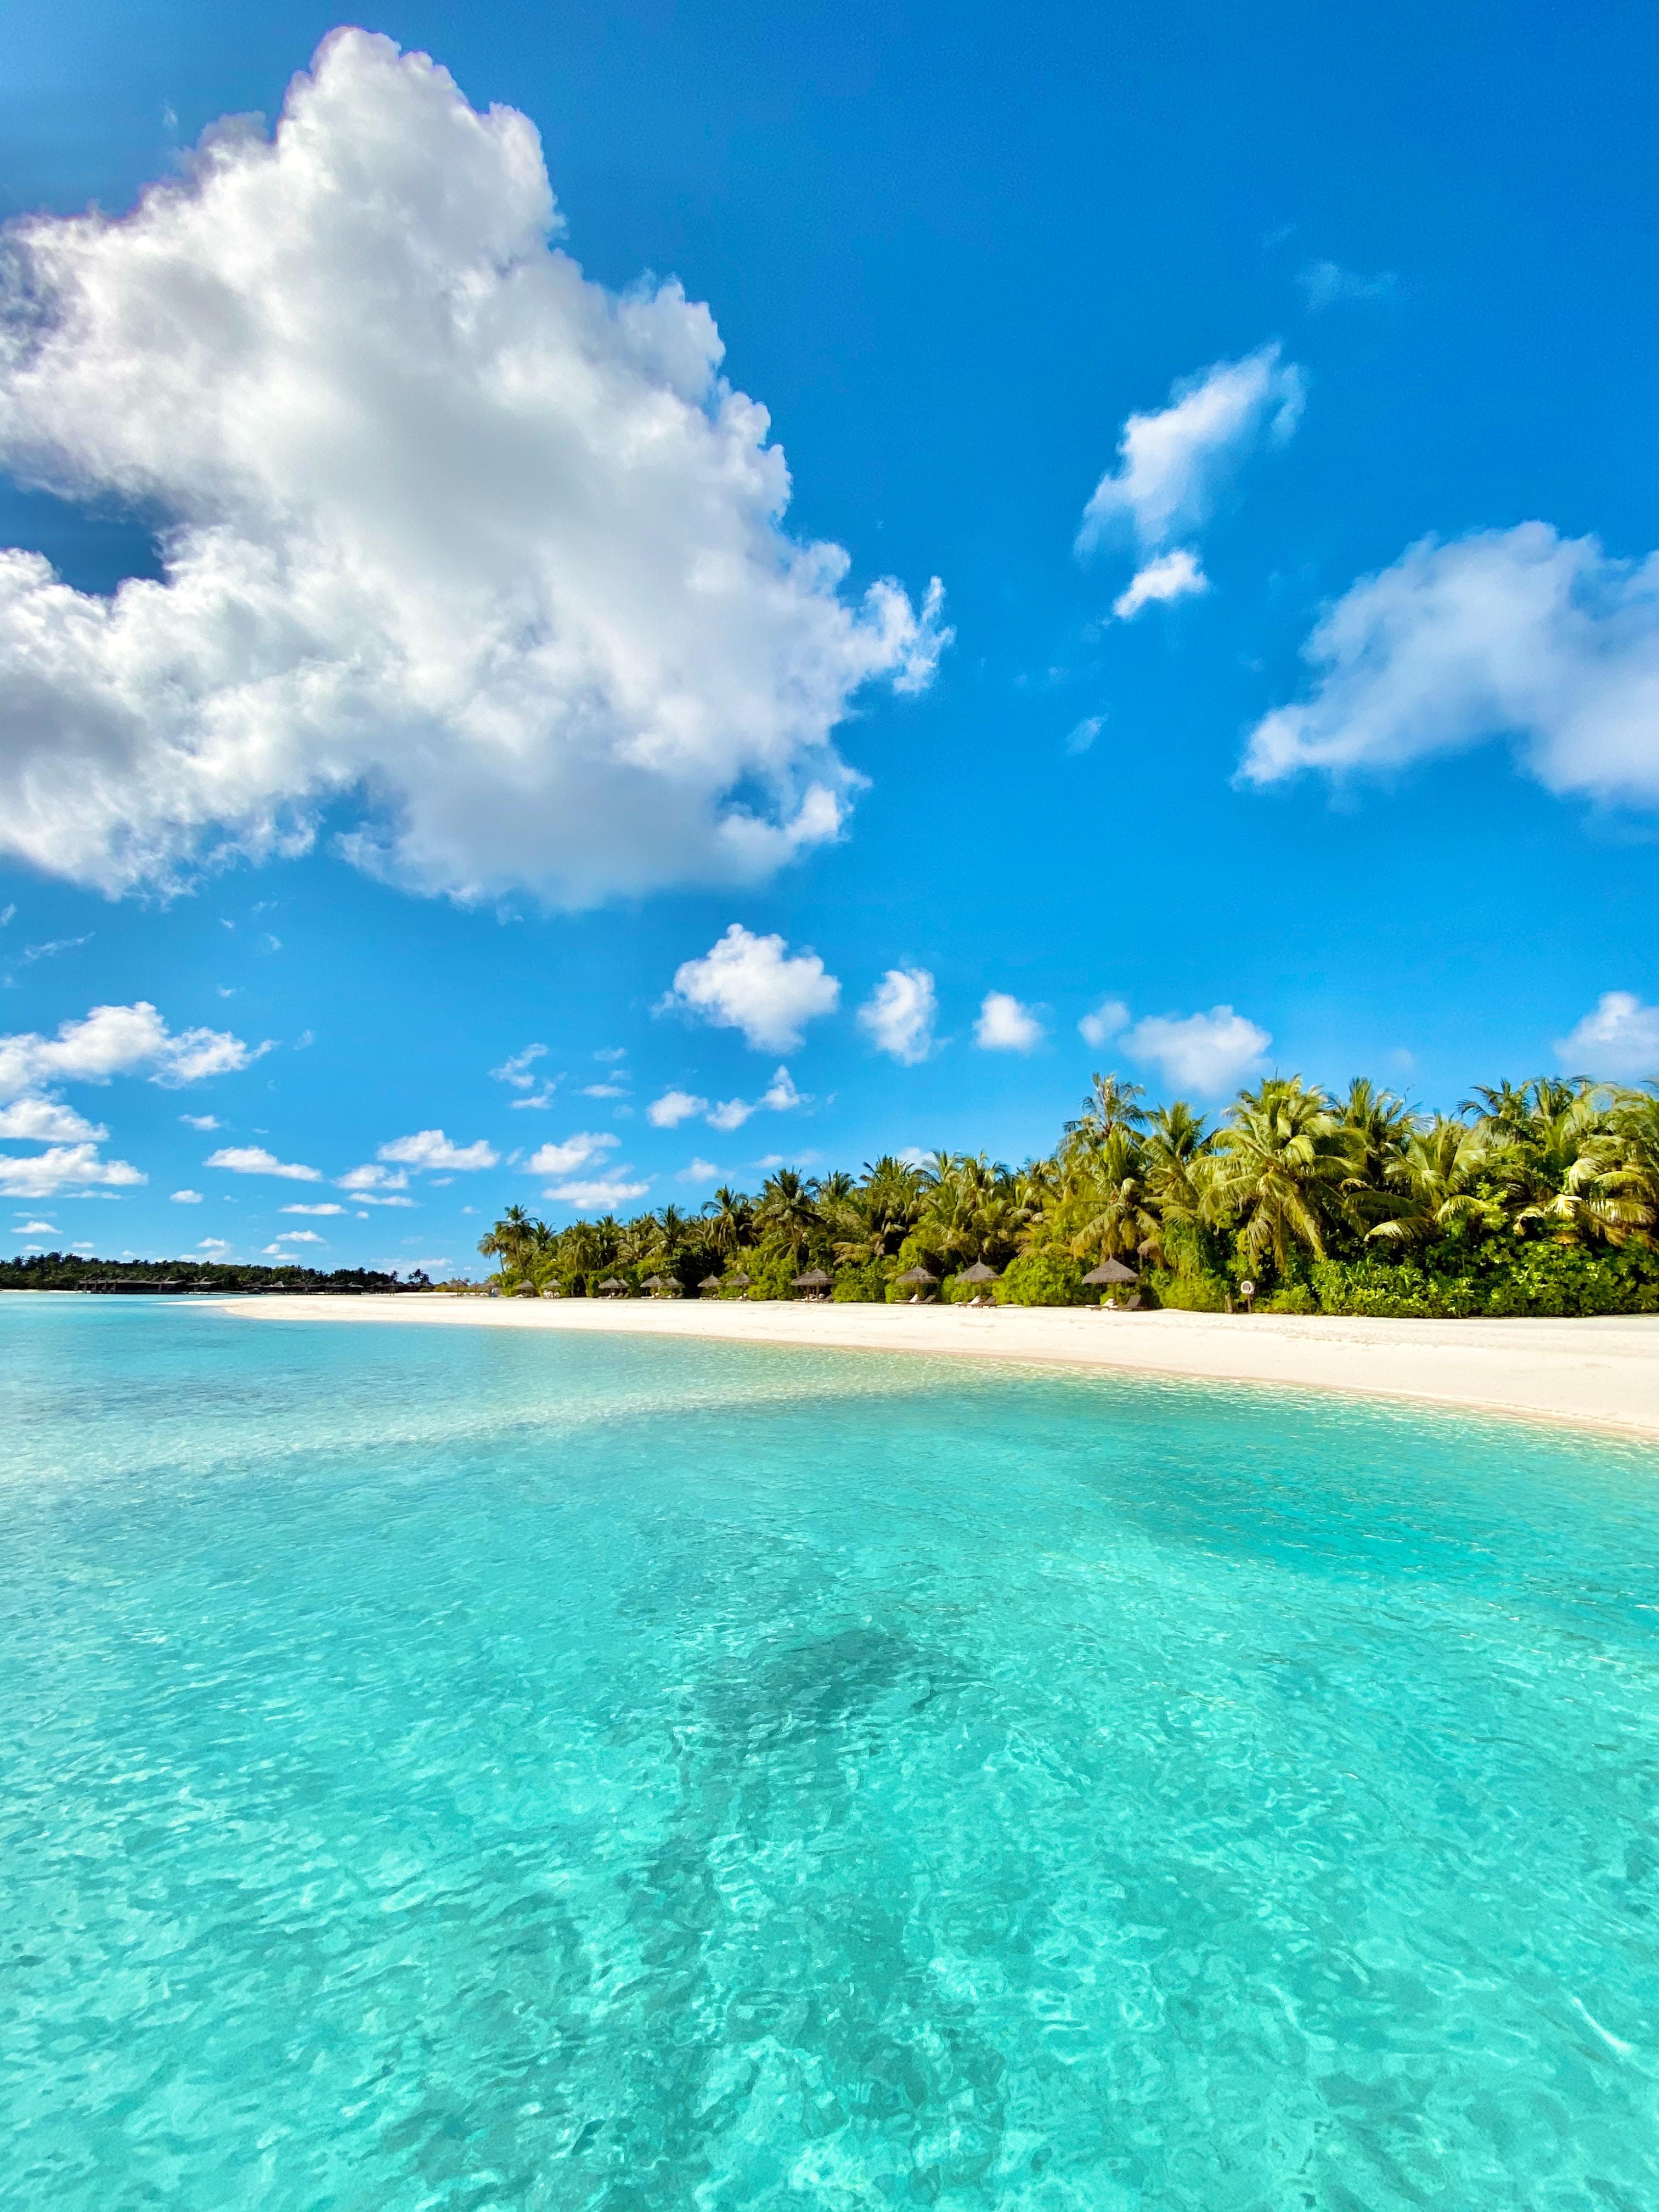 147127 скачать обои Пляж, Пальмы, Природа, Море, Лето, Тропики - заставки и картинки бесплатно